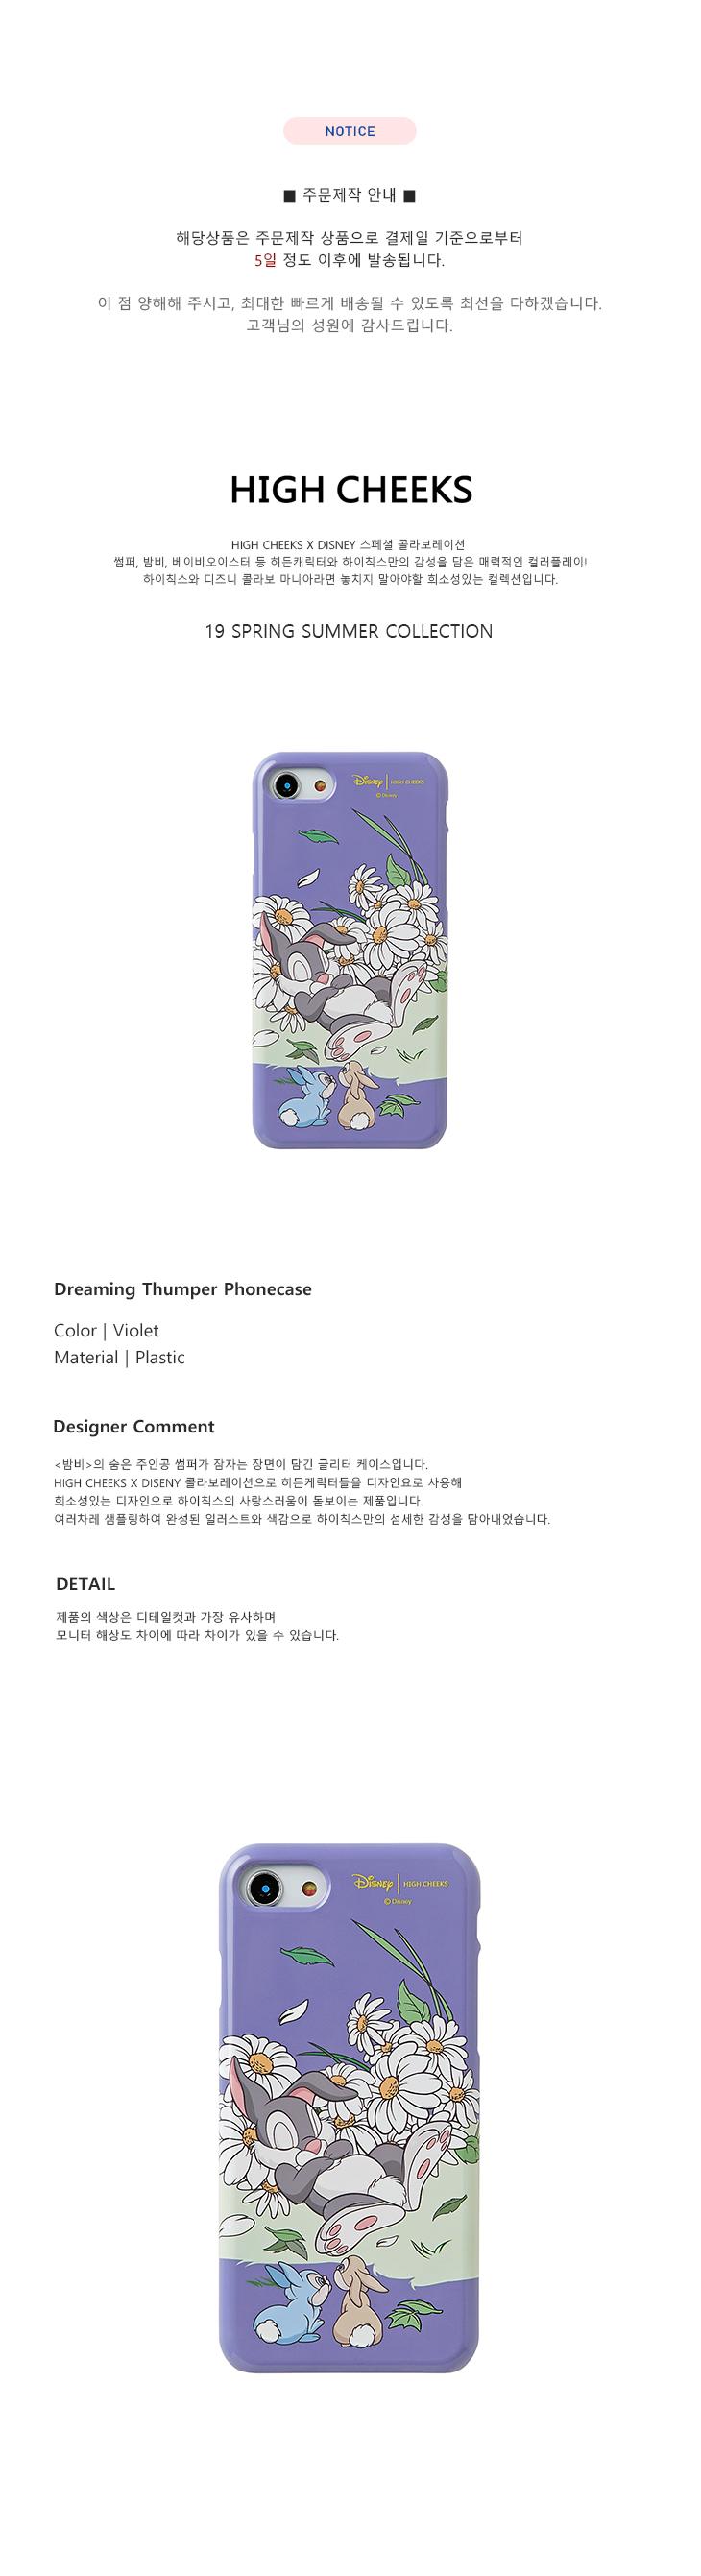 하이칙스(HIGH CHEEKS) Dreaming Thumper Phonecase